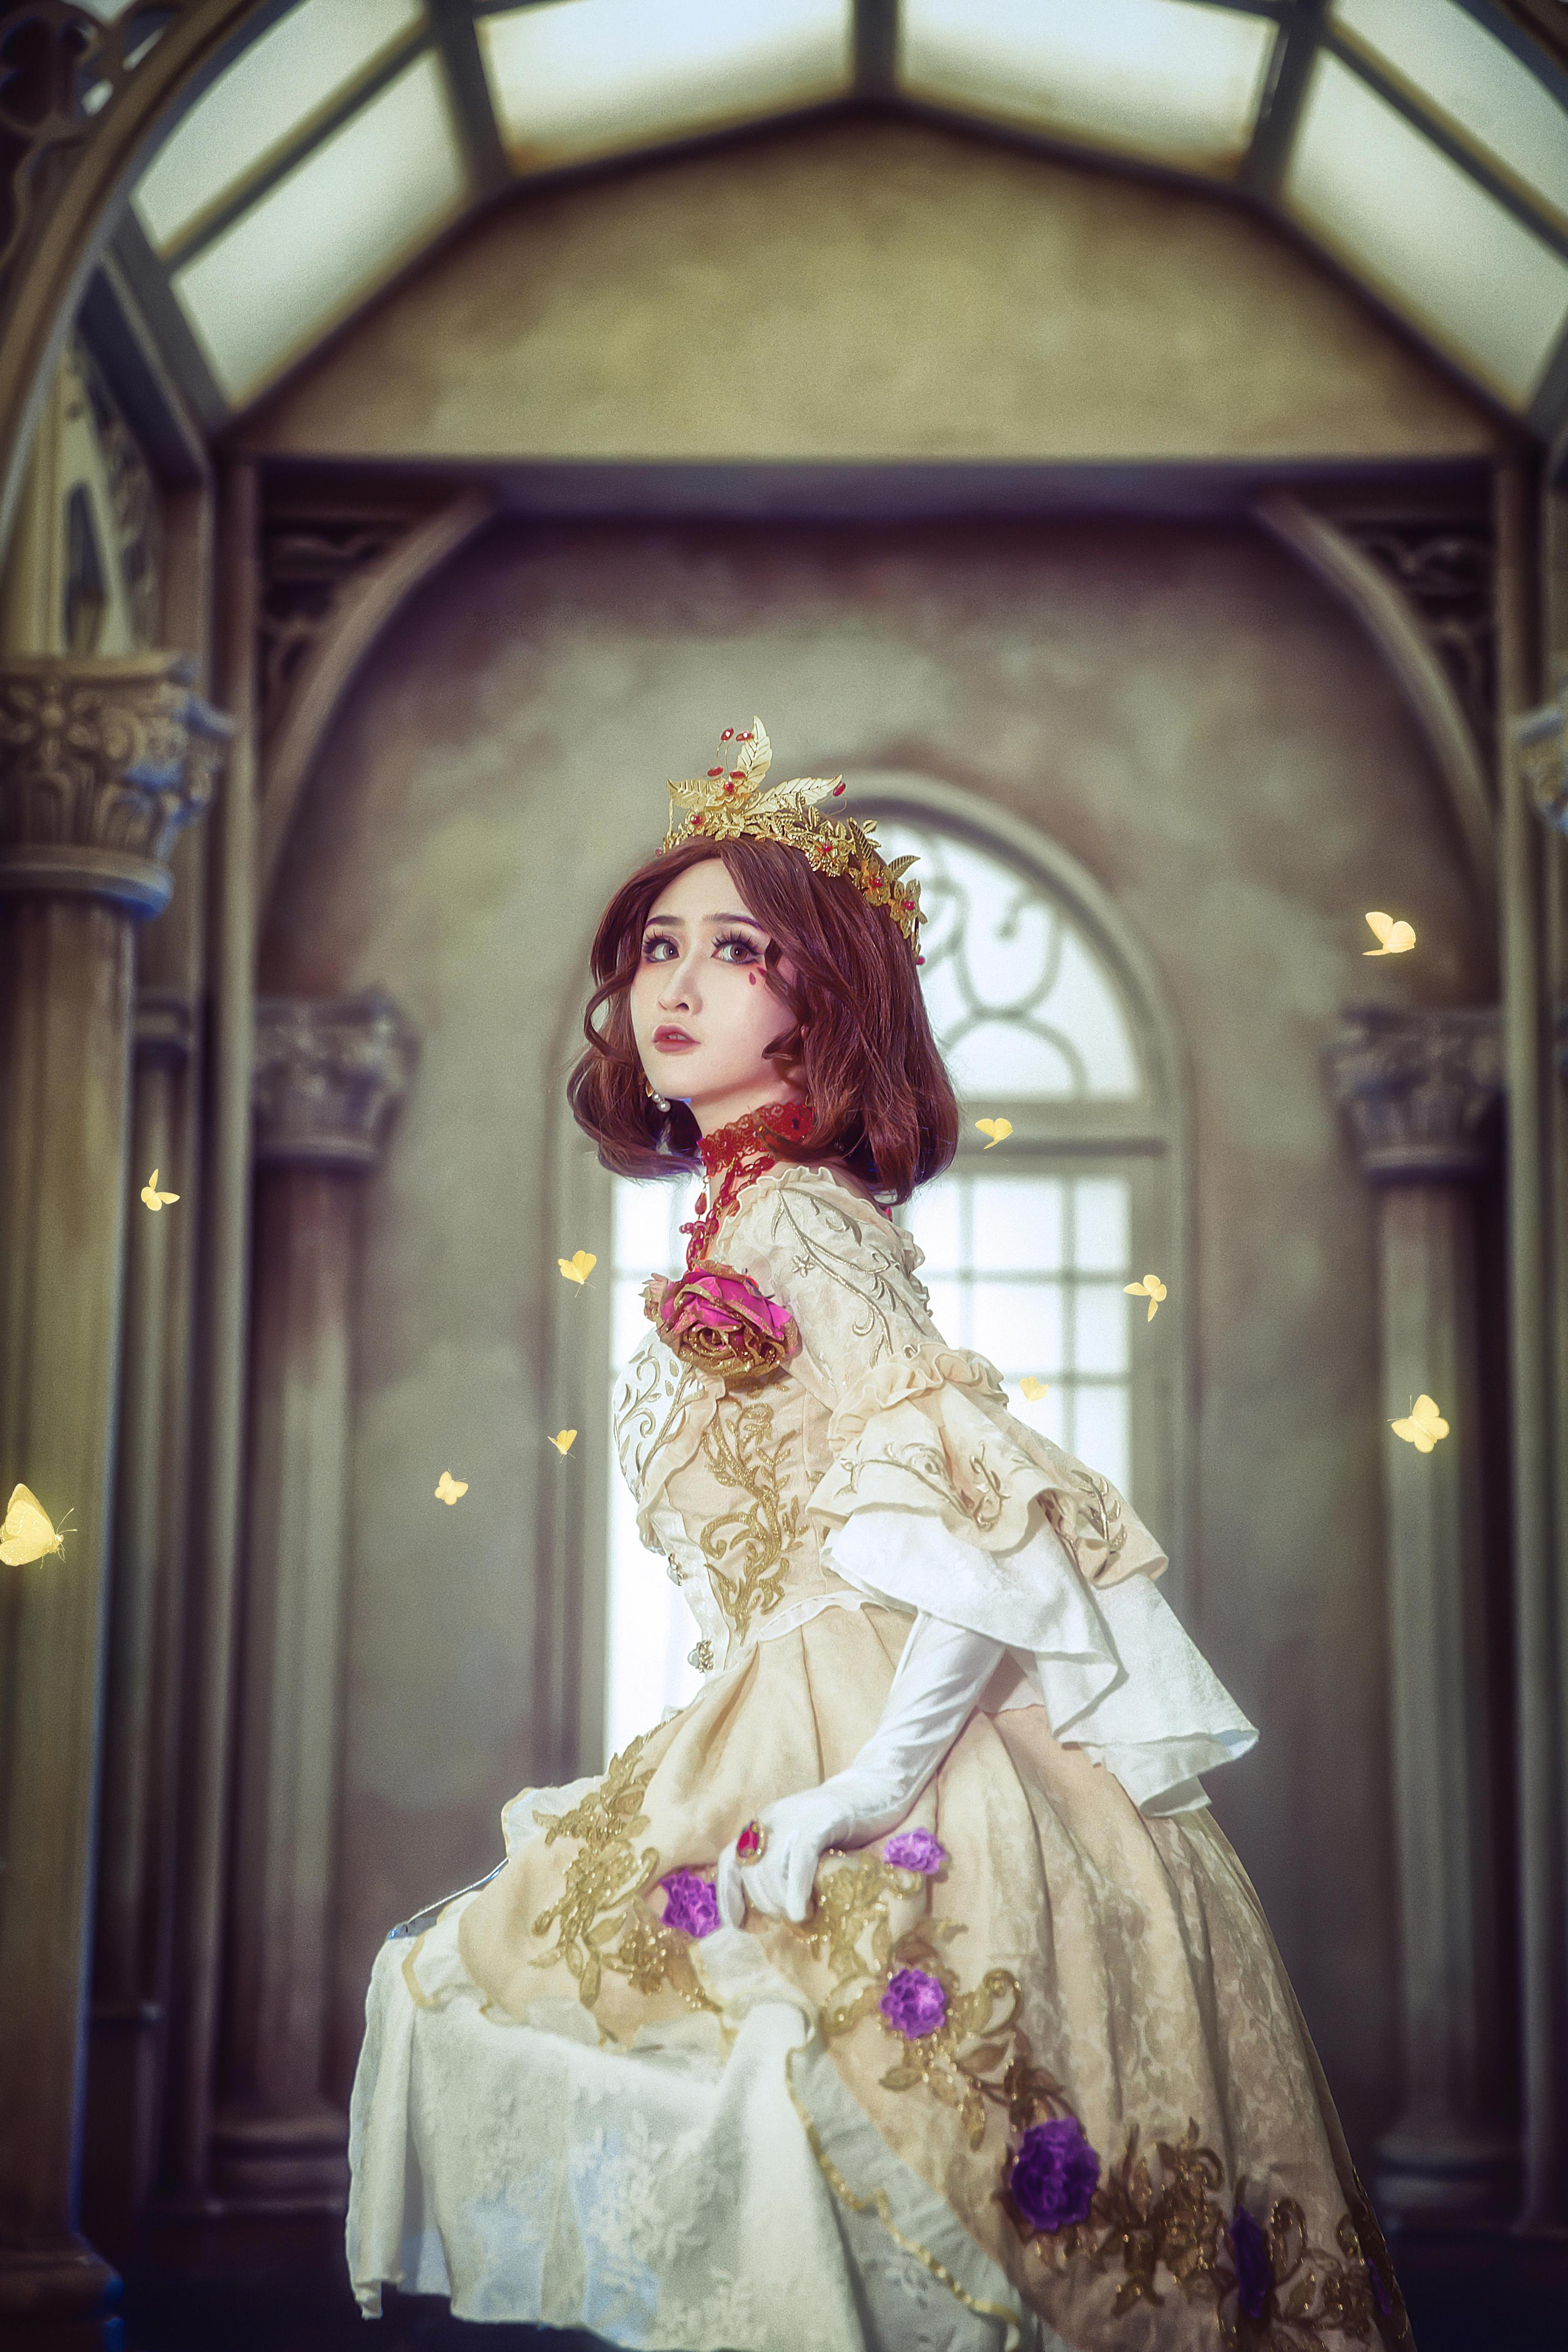 《第五人格》正片cosplay【CN:绫濑娴】-第4张